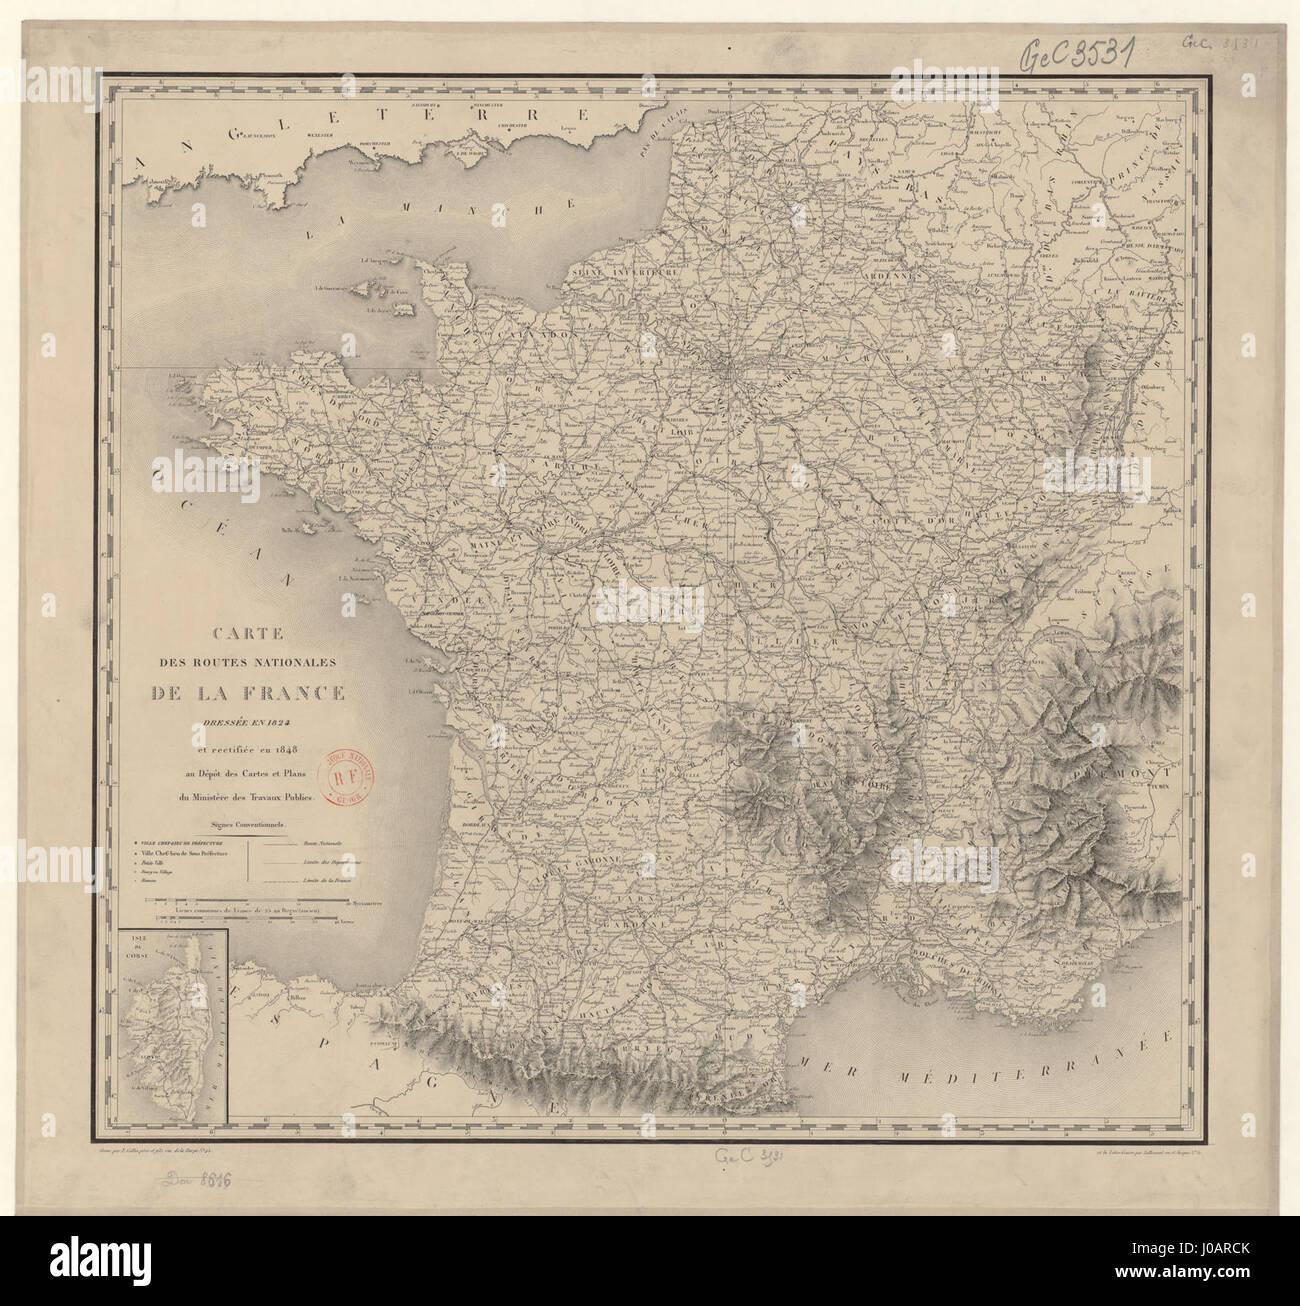 Carte Des Routes Nationales De La France Dressée En 1824 Et